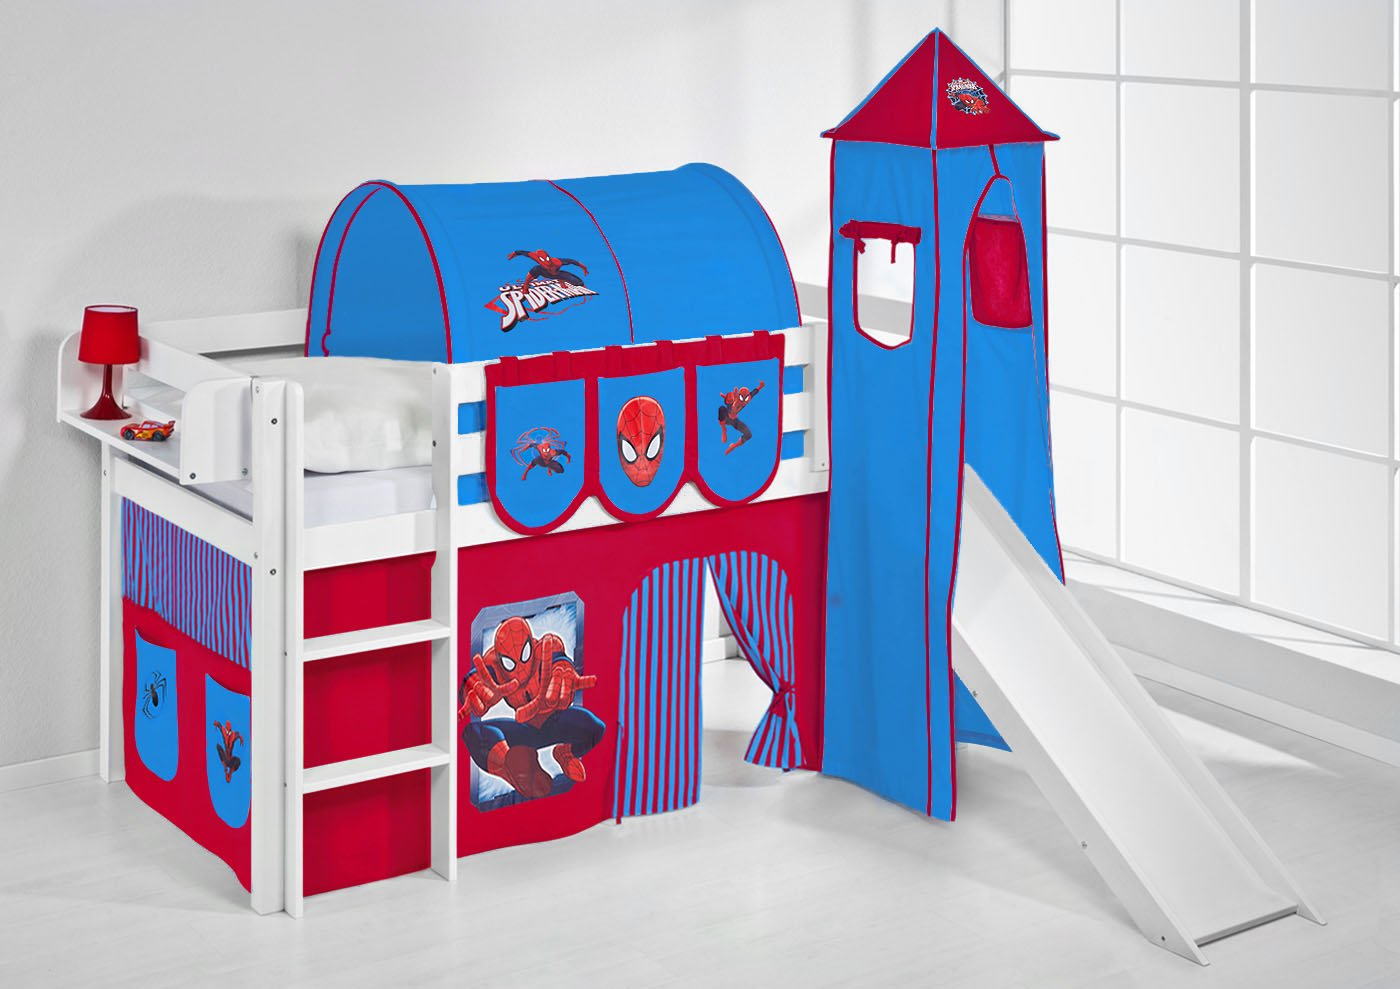 Spielbett JELLE Spiderman Lilokids The Explorer Hochbett LILOKIDS mit Turm in Weiß Rutsche und Vorhang rot-blau kiefer online bestellen